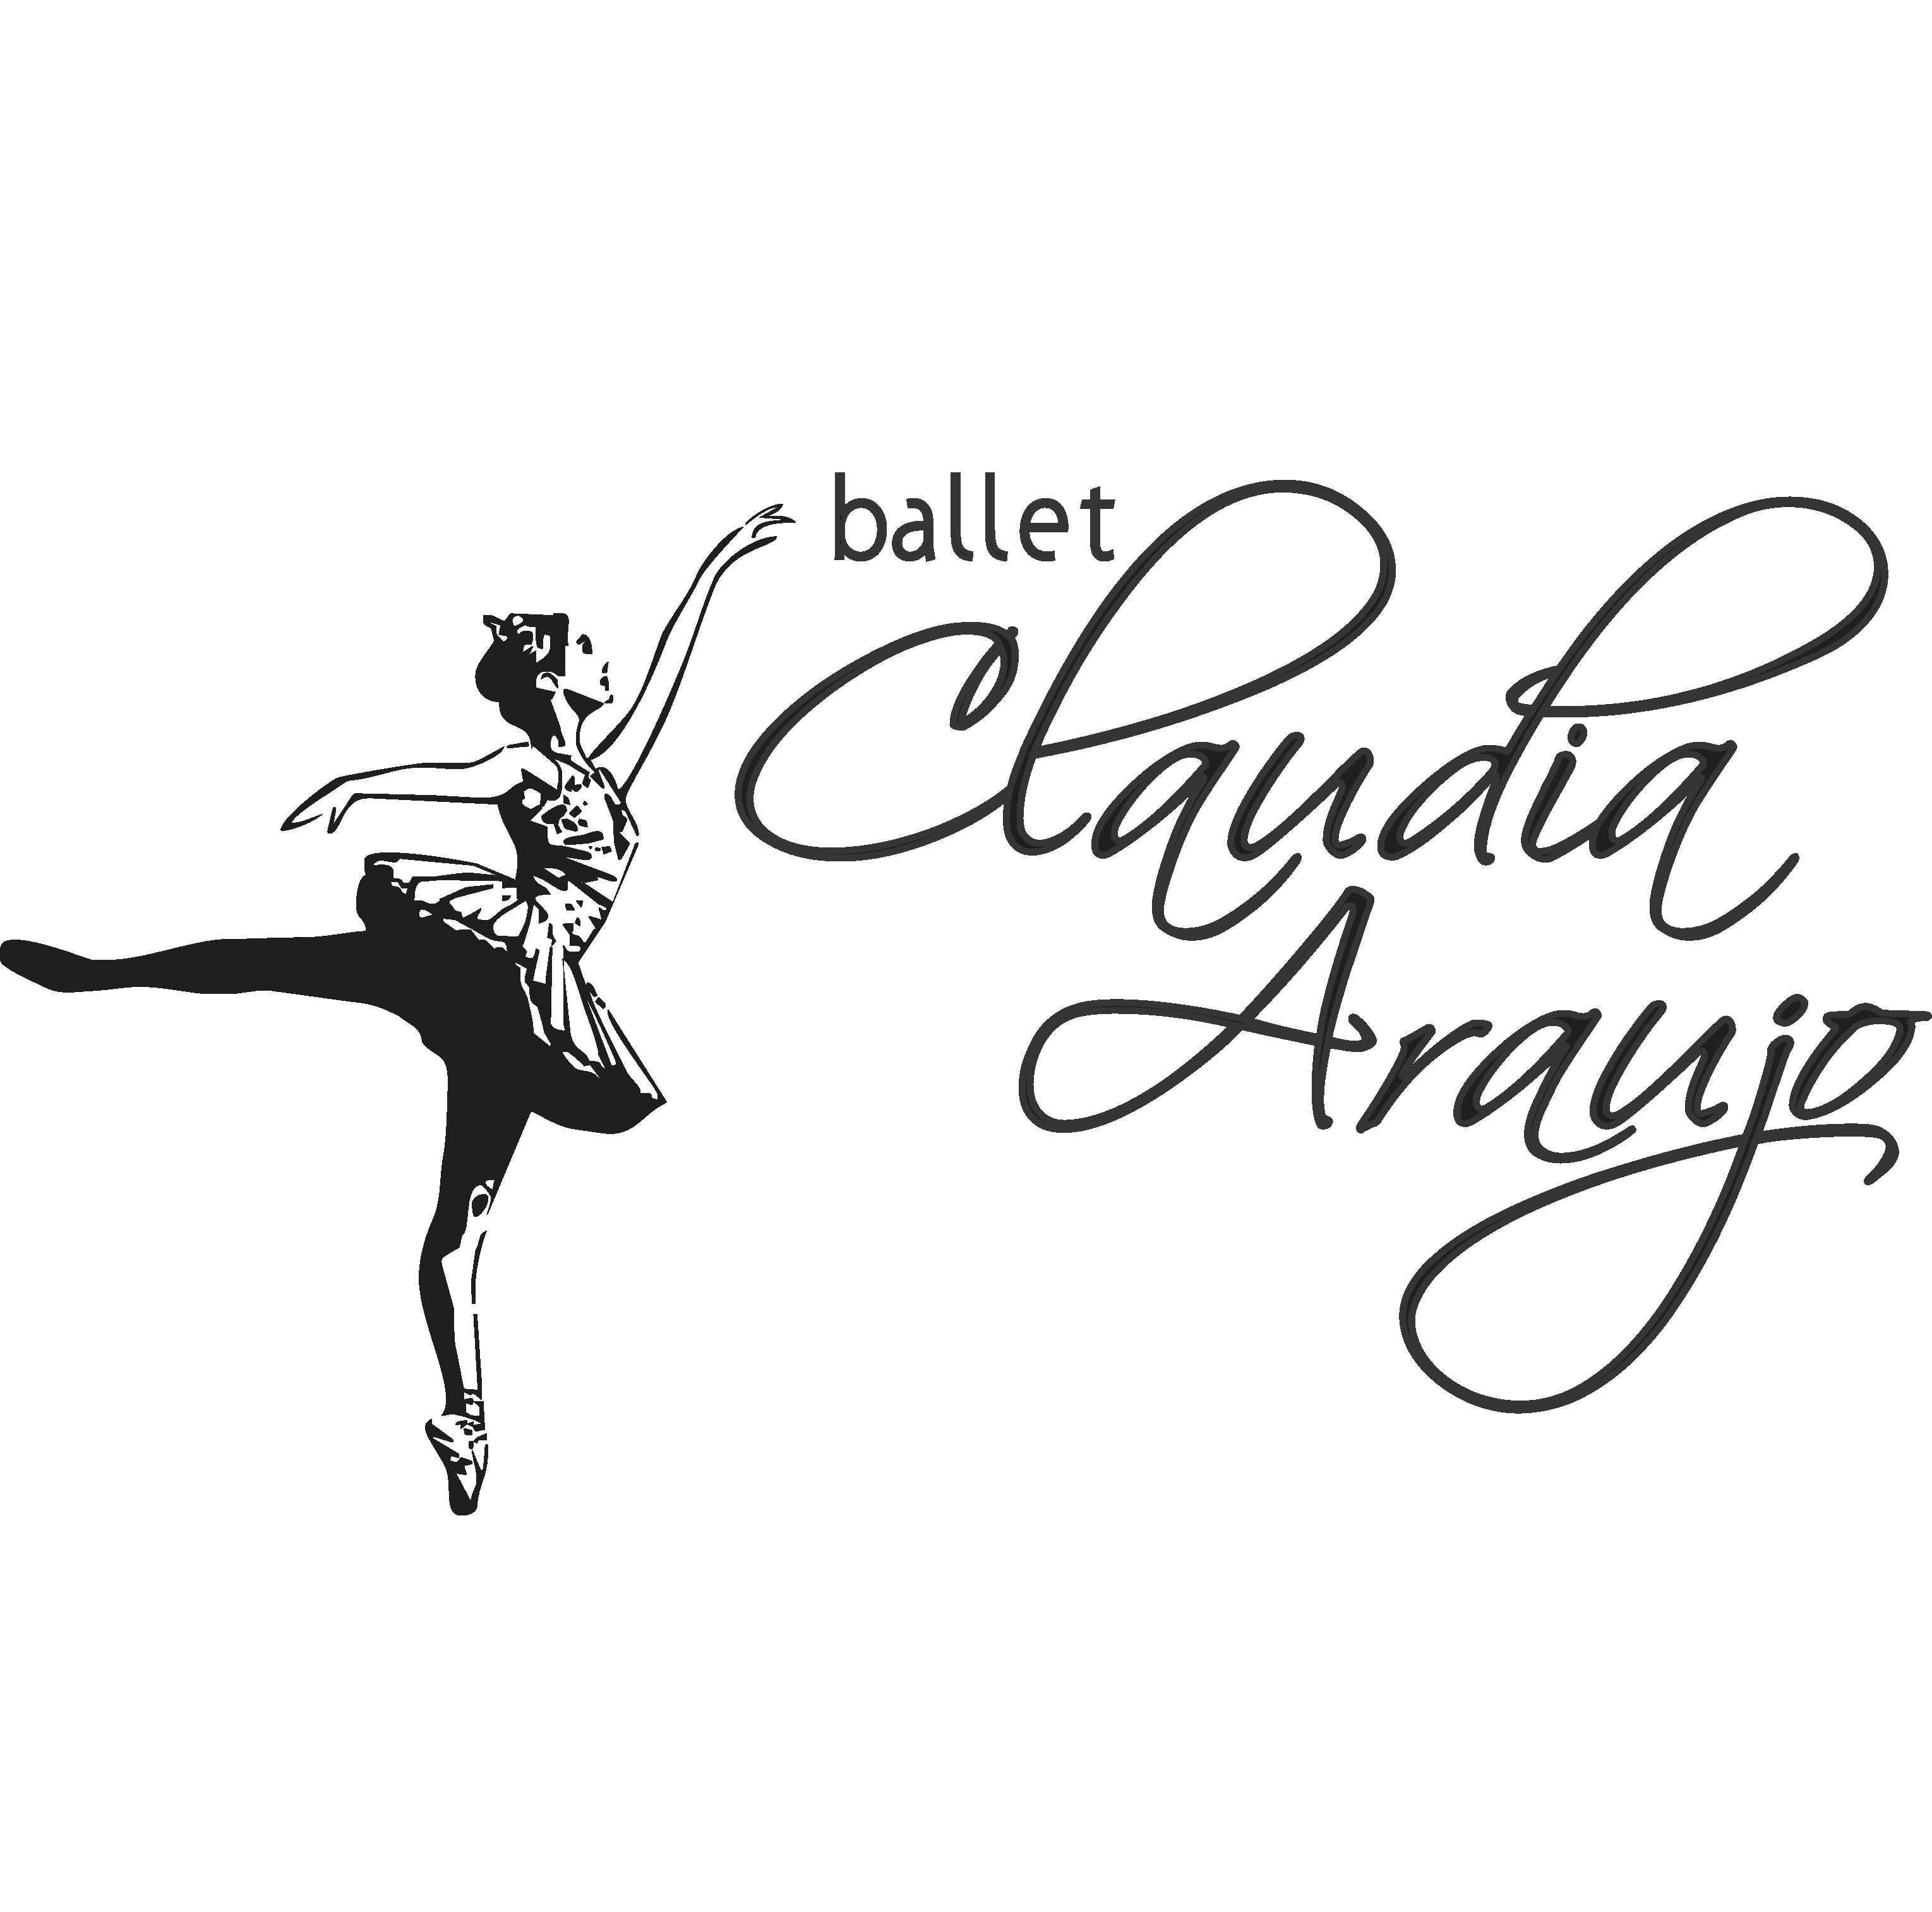 (c) Balletclaudiaaraujo.com.br